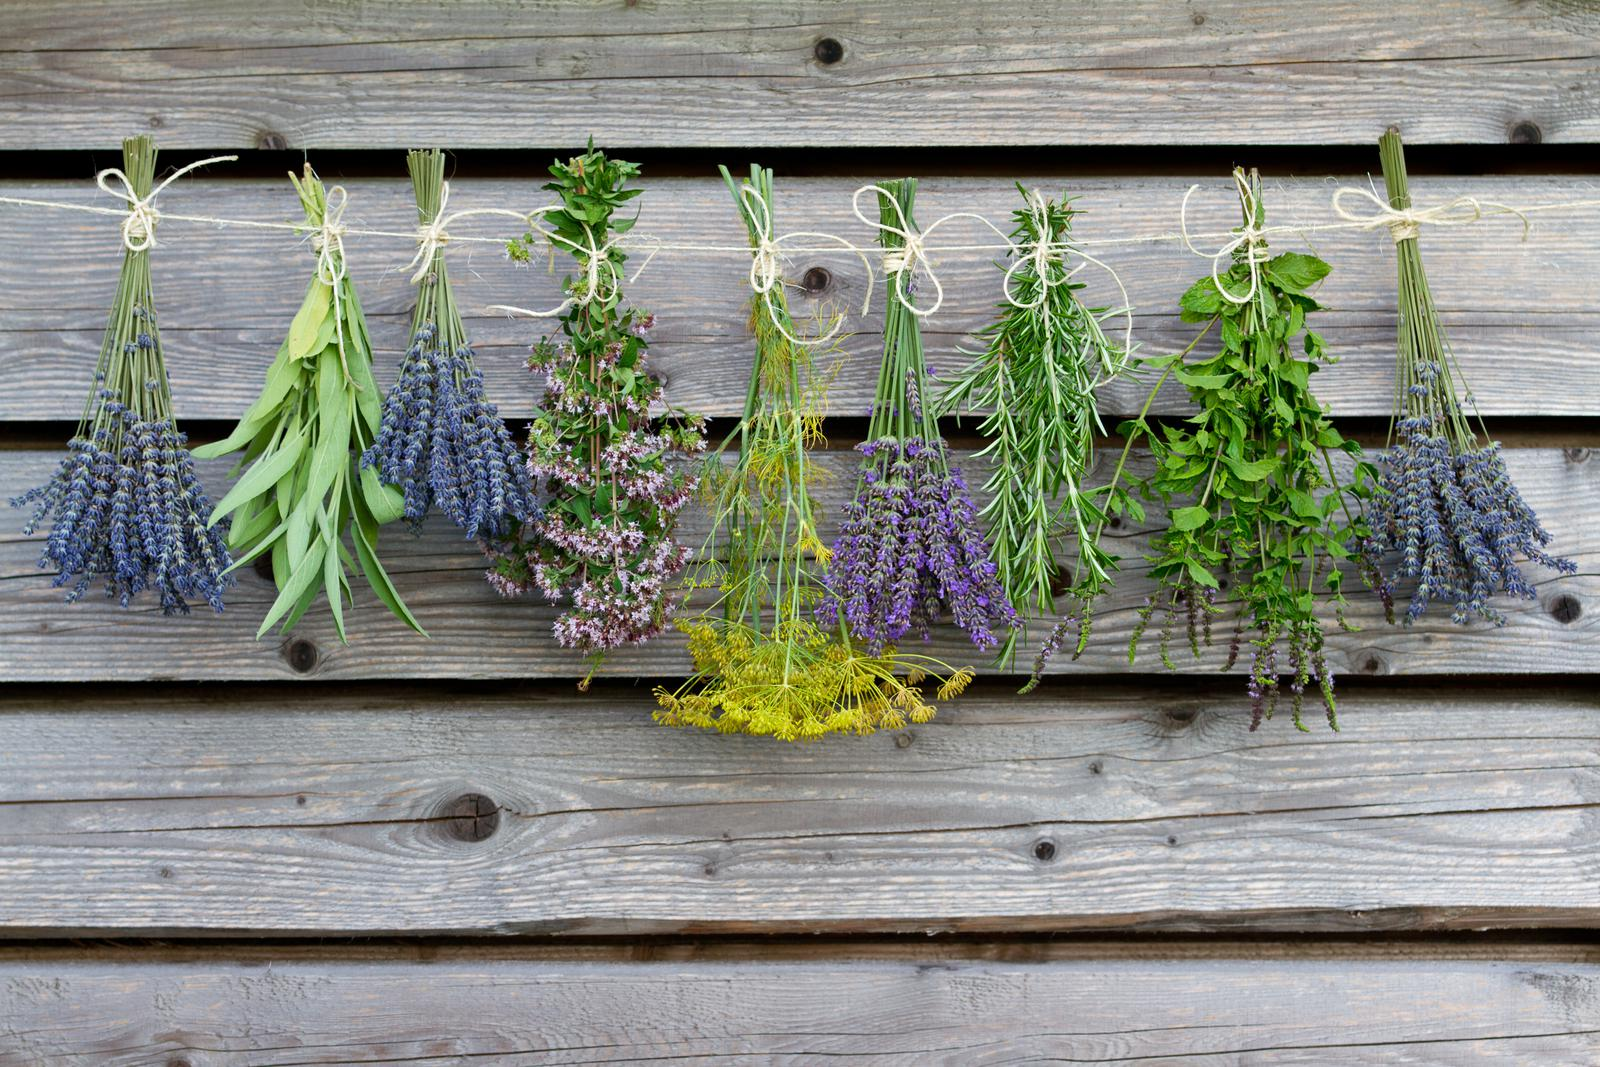 «Чем полезны травы для бани? Как сделать отвар для бани своими руками? Рецепты и рекомендации» фото - travy bani 1